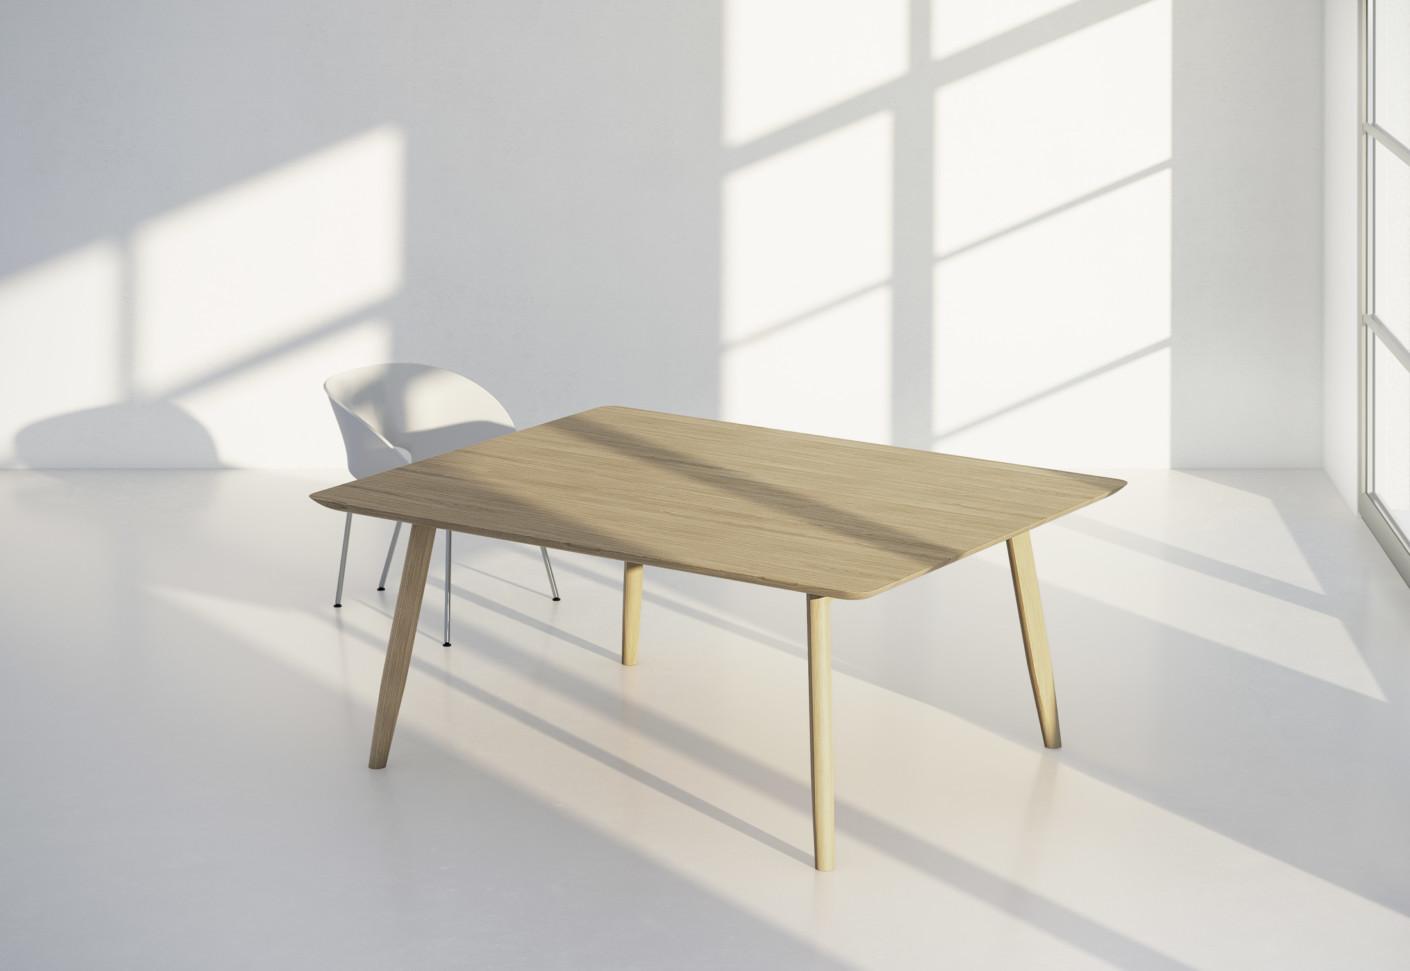 Aetas tisch von vitamin design stylepark for Tisch vitamin design